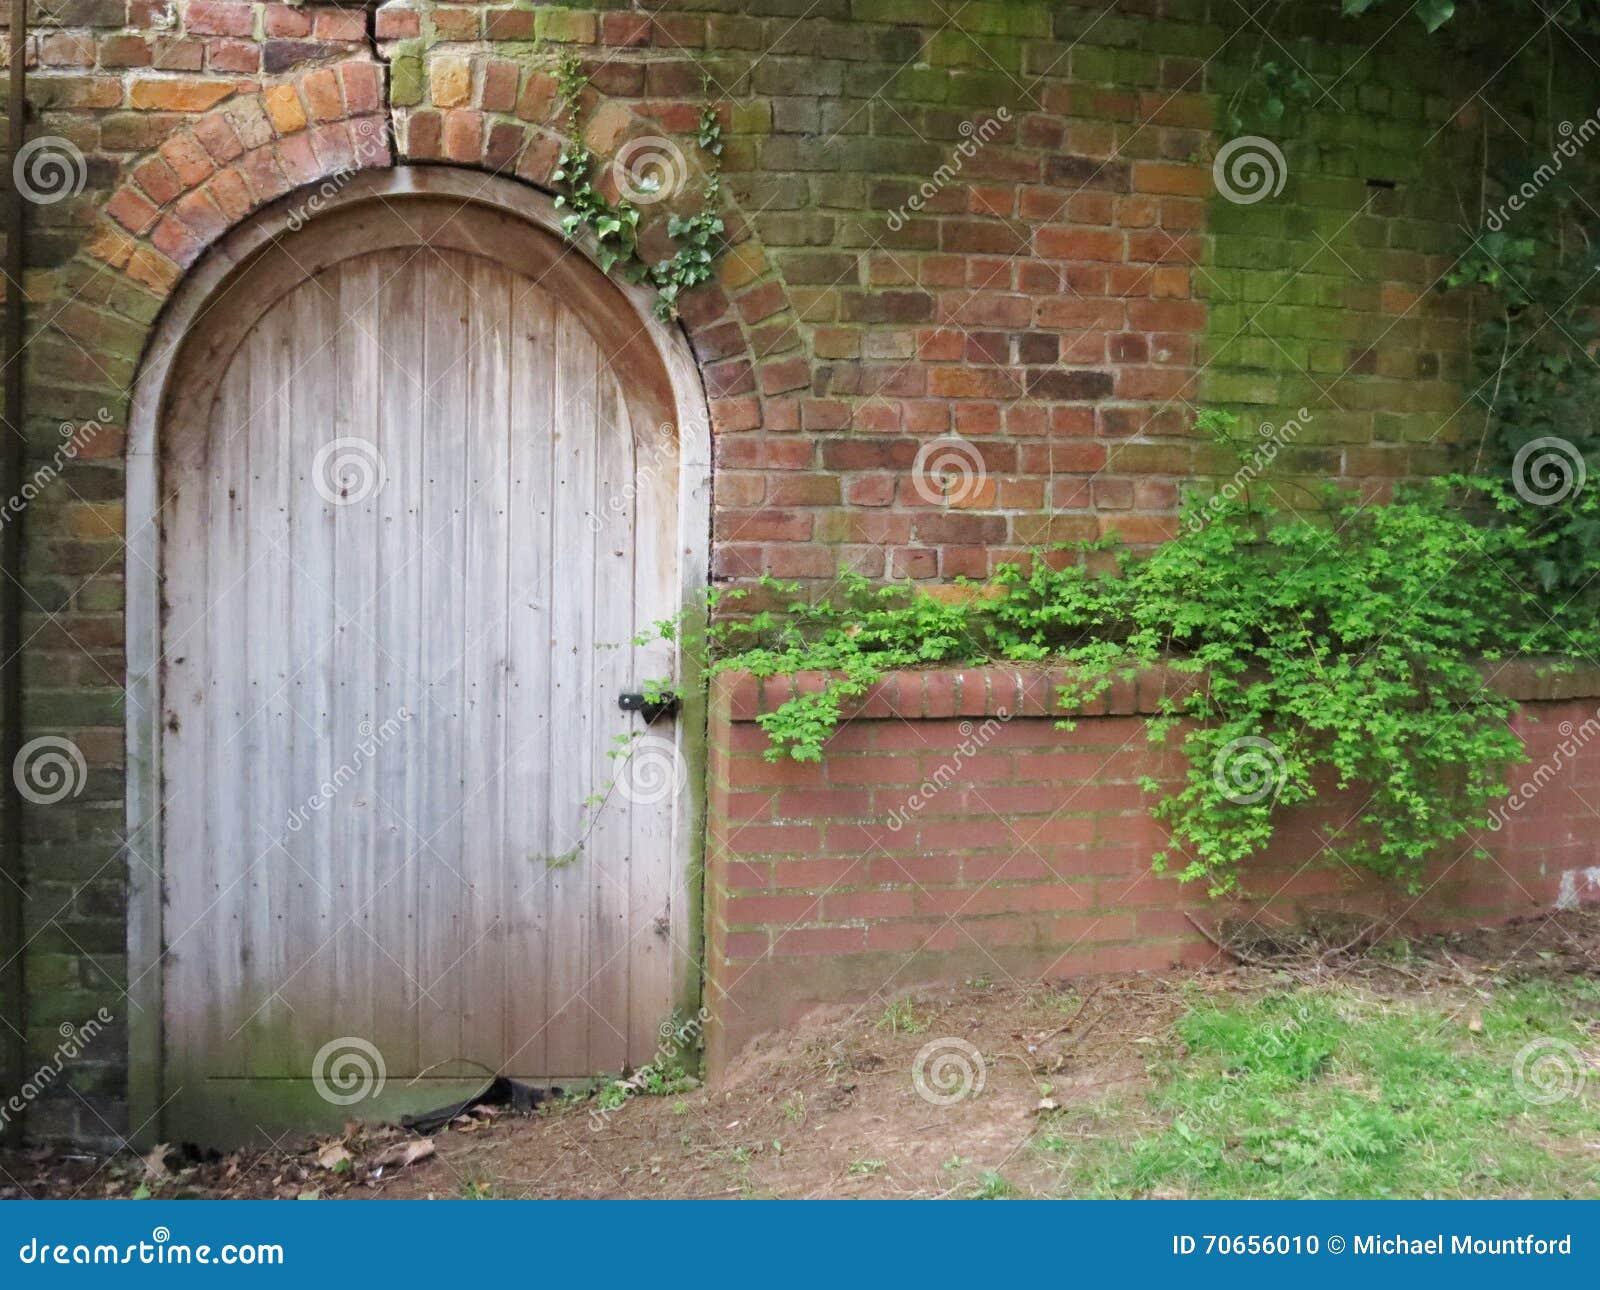 Victorian Door - Into The Walled Garden Stock Photo - Image of ...